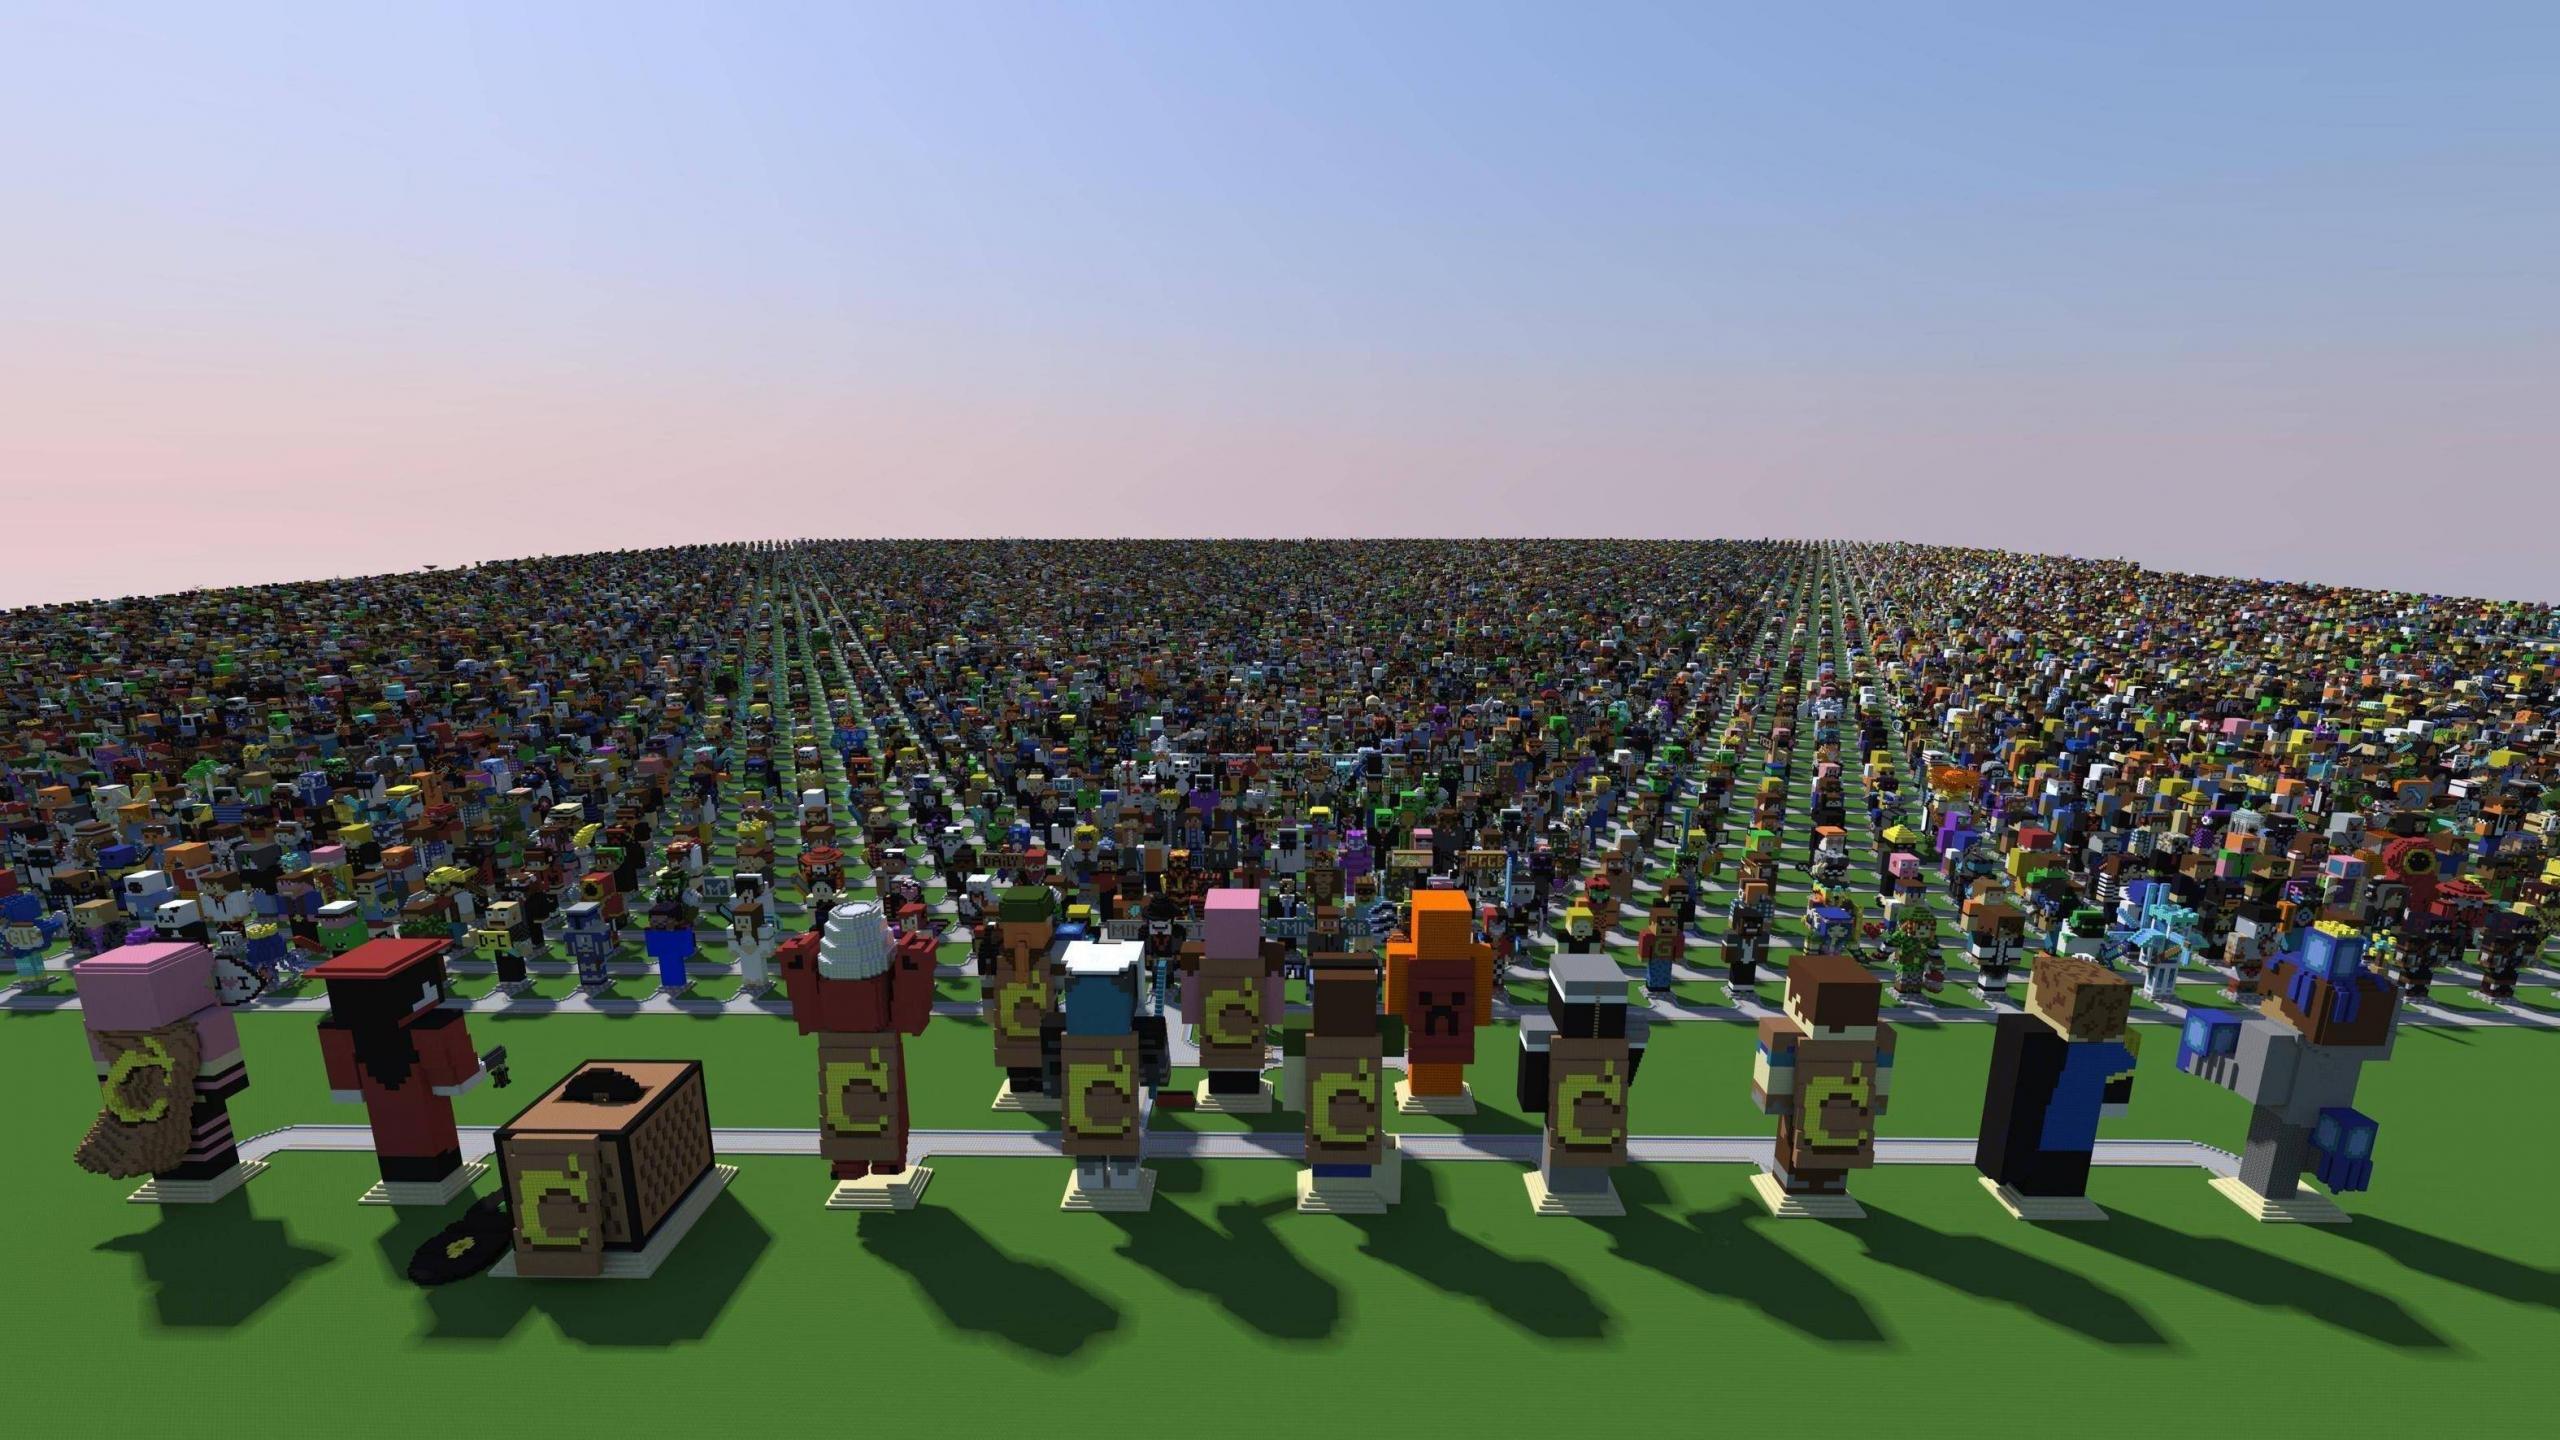 Minecraft Wallpapers 2560x1440 Desktop Backgrounds